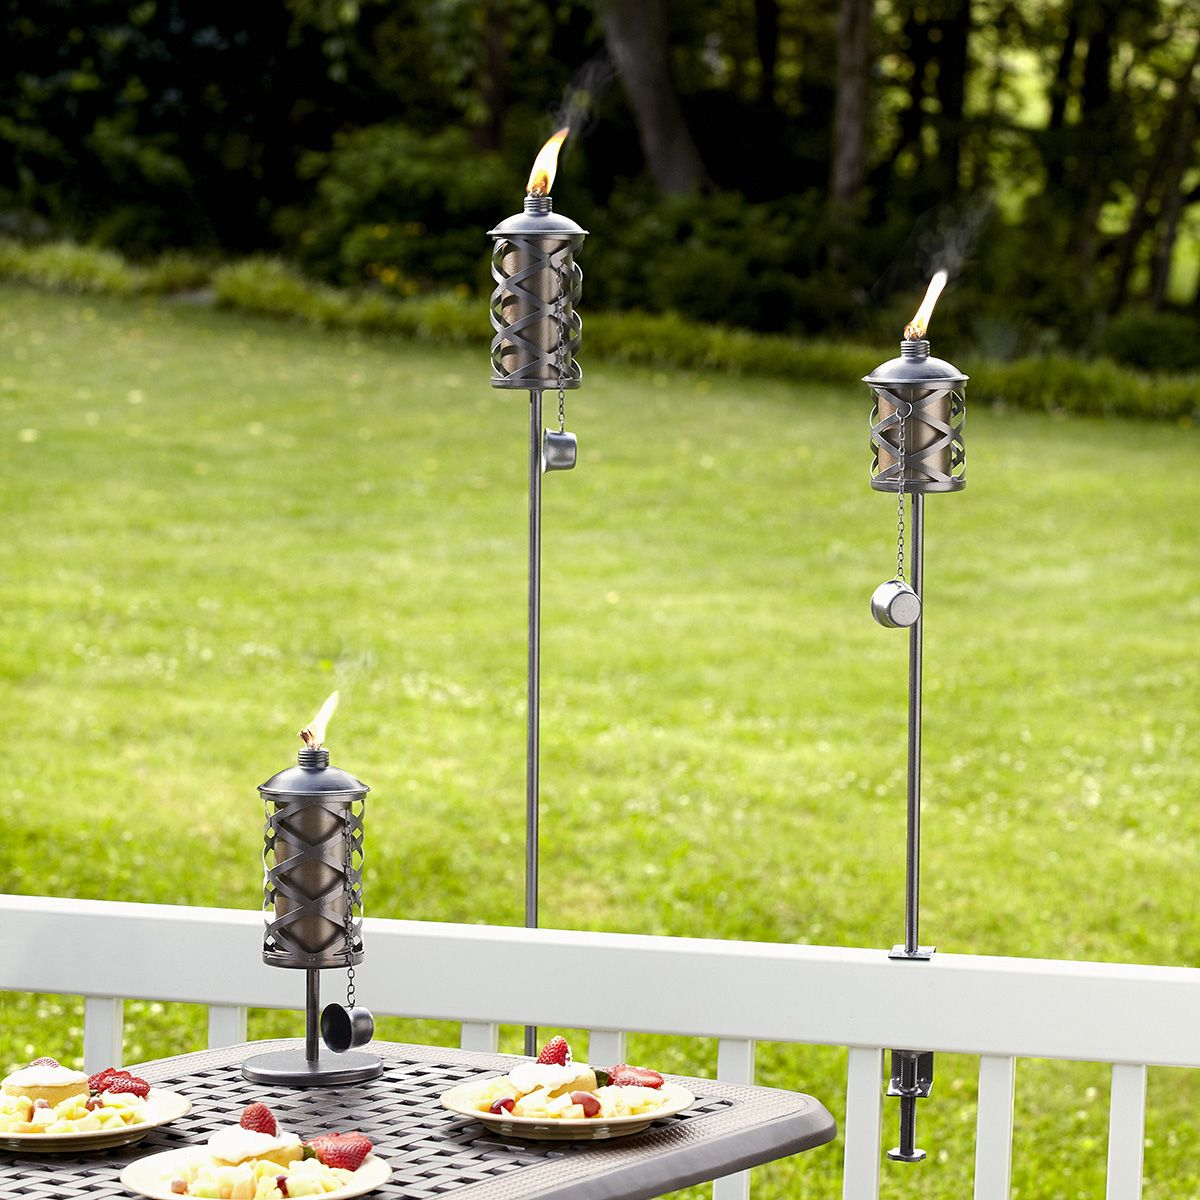 4133e433b9bdaf7de2c2574625212de9 - Better Homes And Gardens Tiki Torches